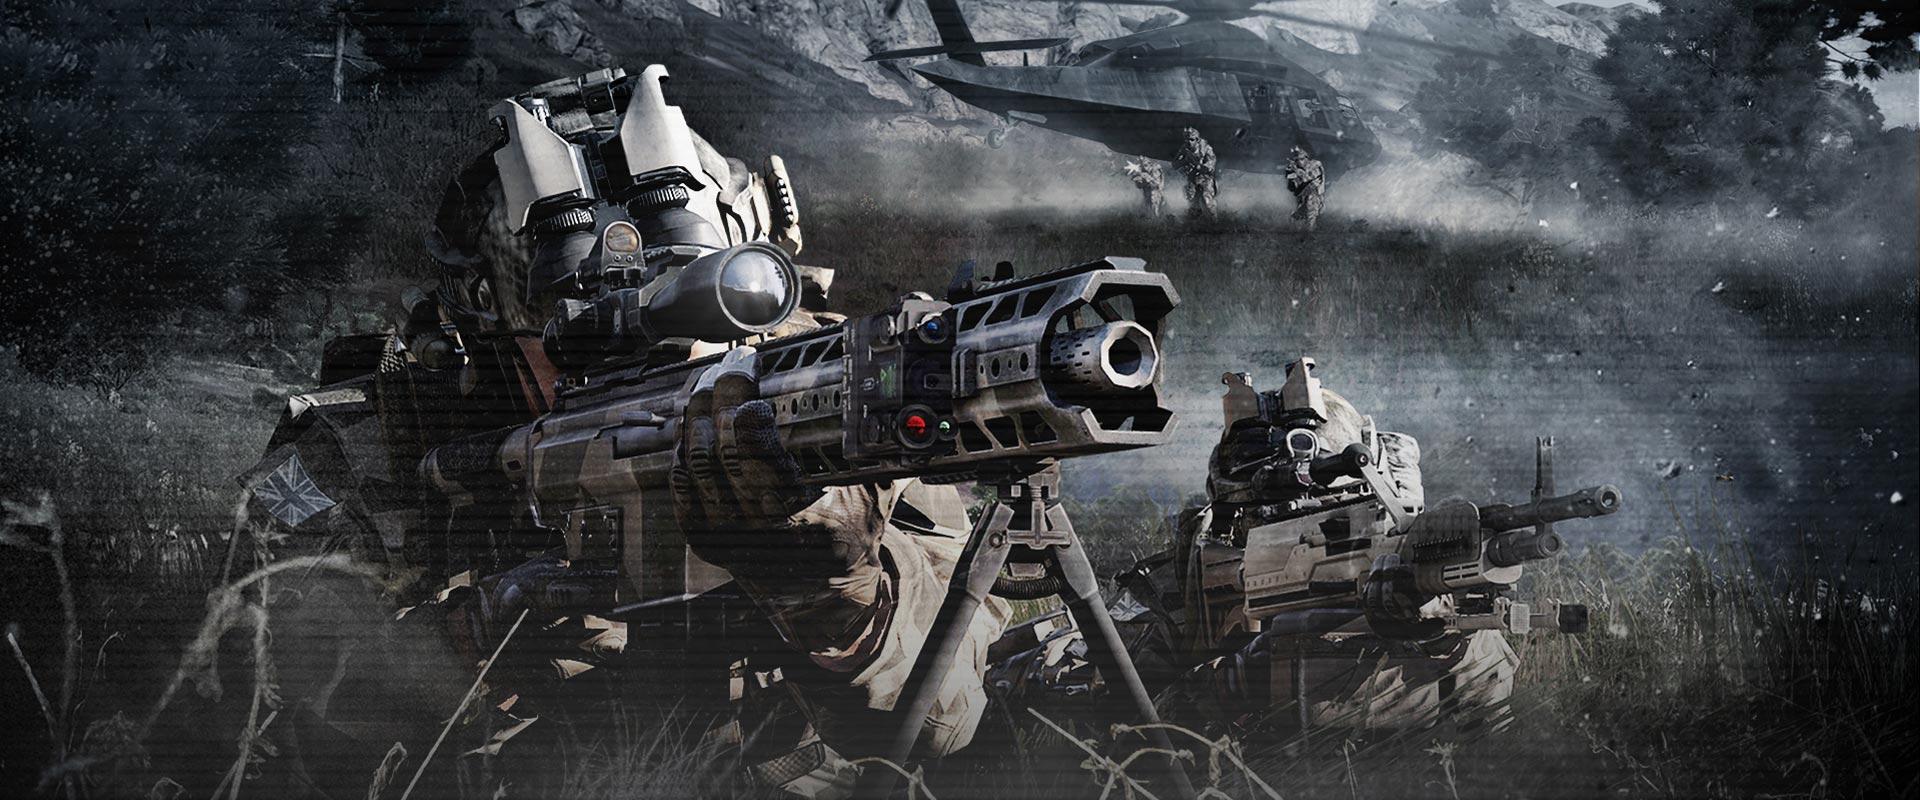 Wall Unit Designs Marksmen Arma 3